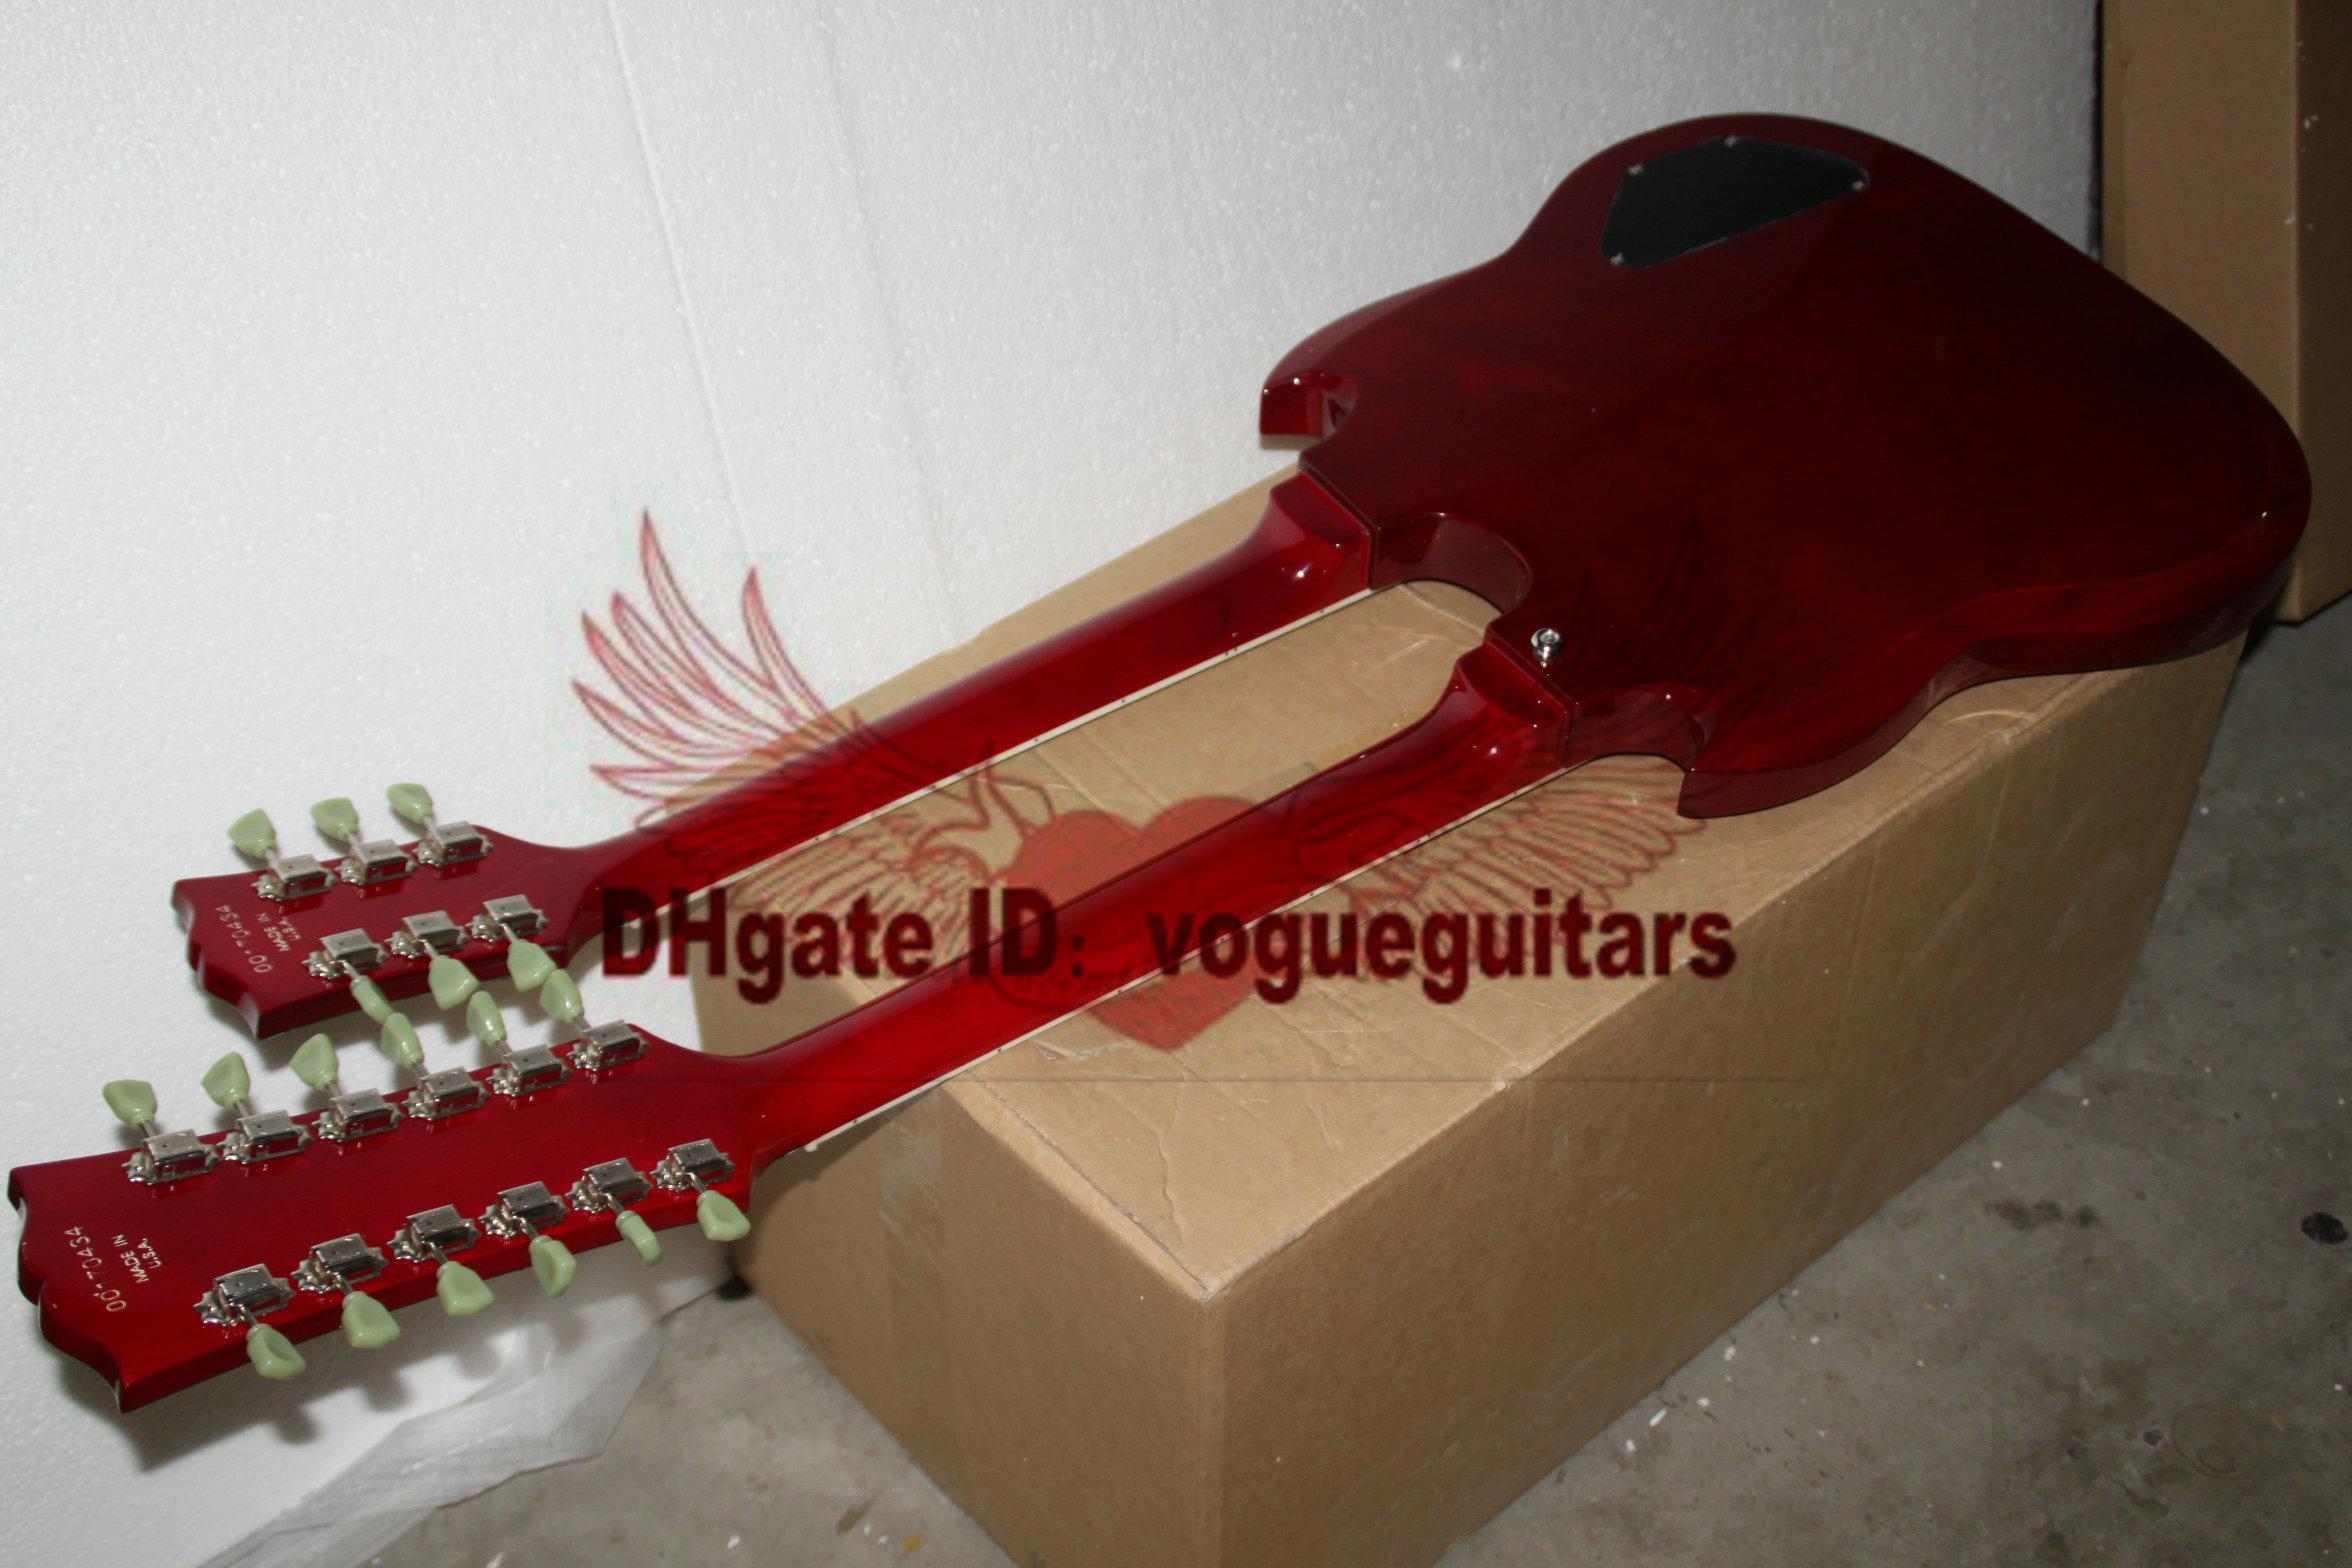 Personalizado canhoto guitarra Duplo pescoço 6 cordas 12 cordas Guitarra Elétrica em vermelho Frete Grátis 11